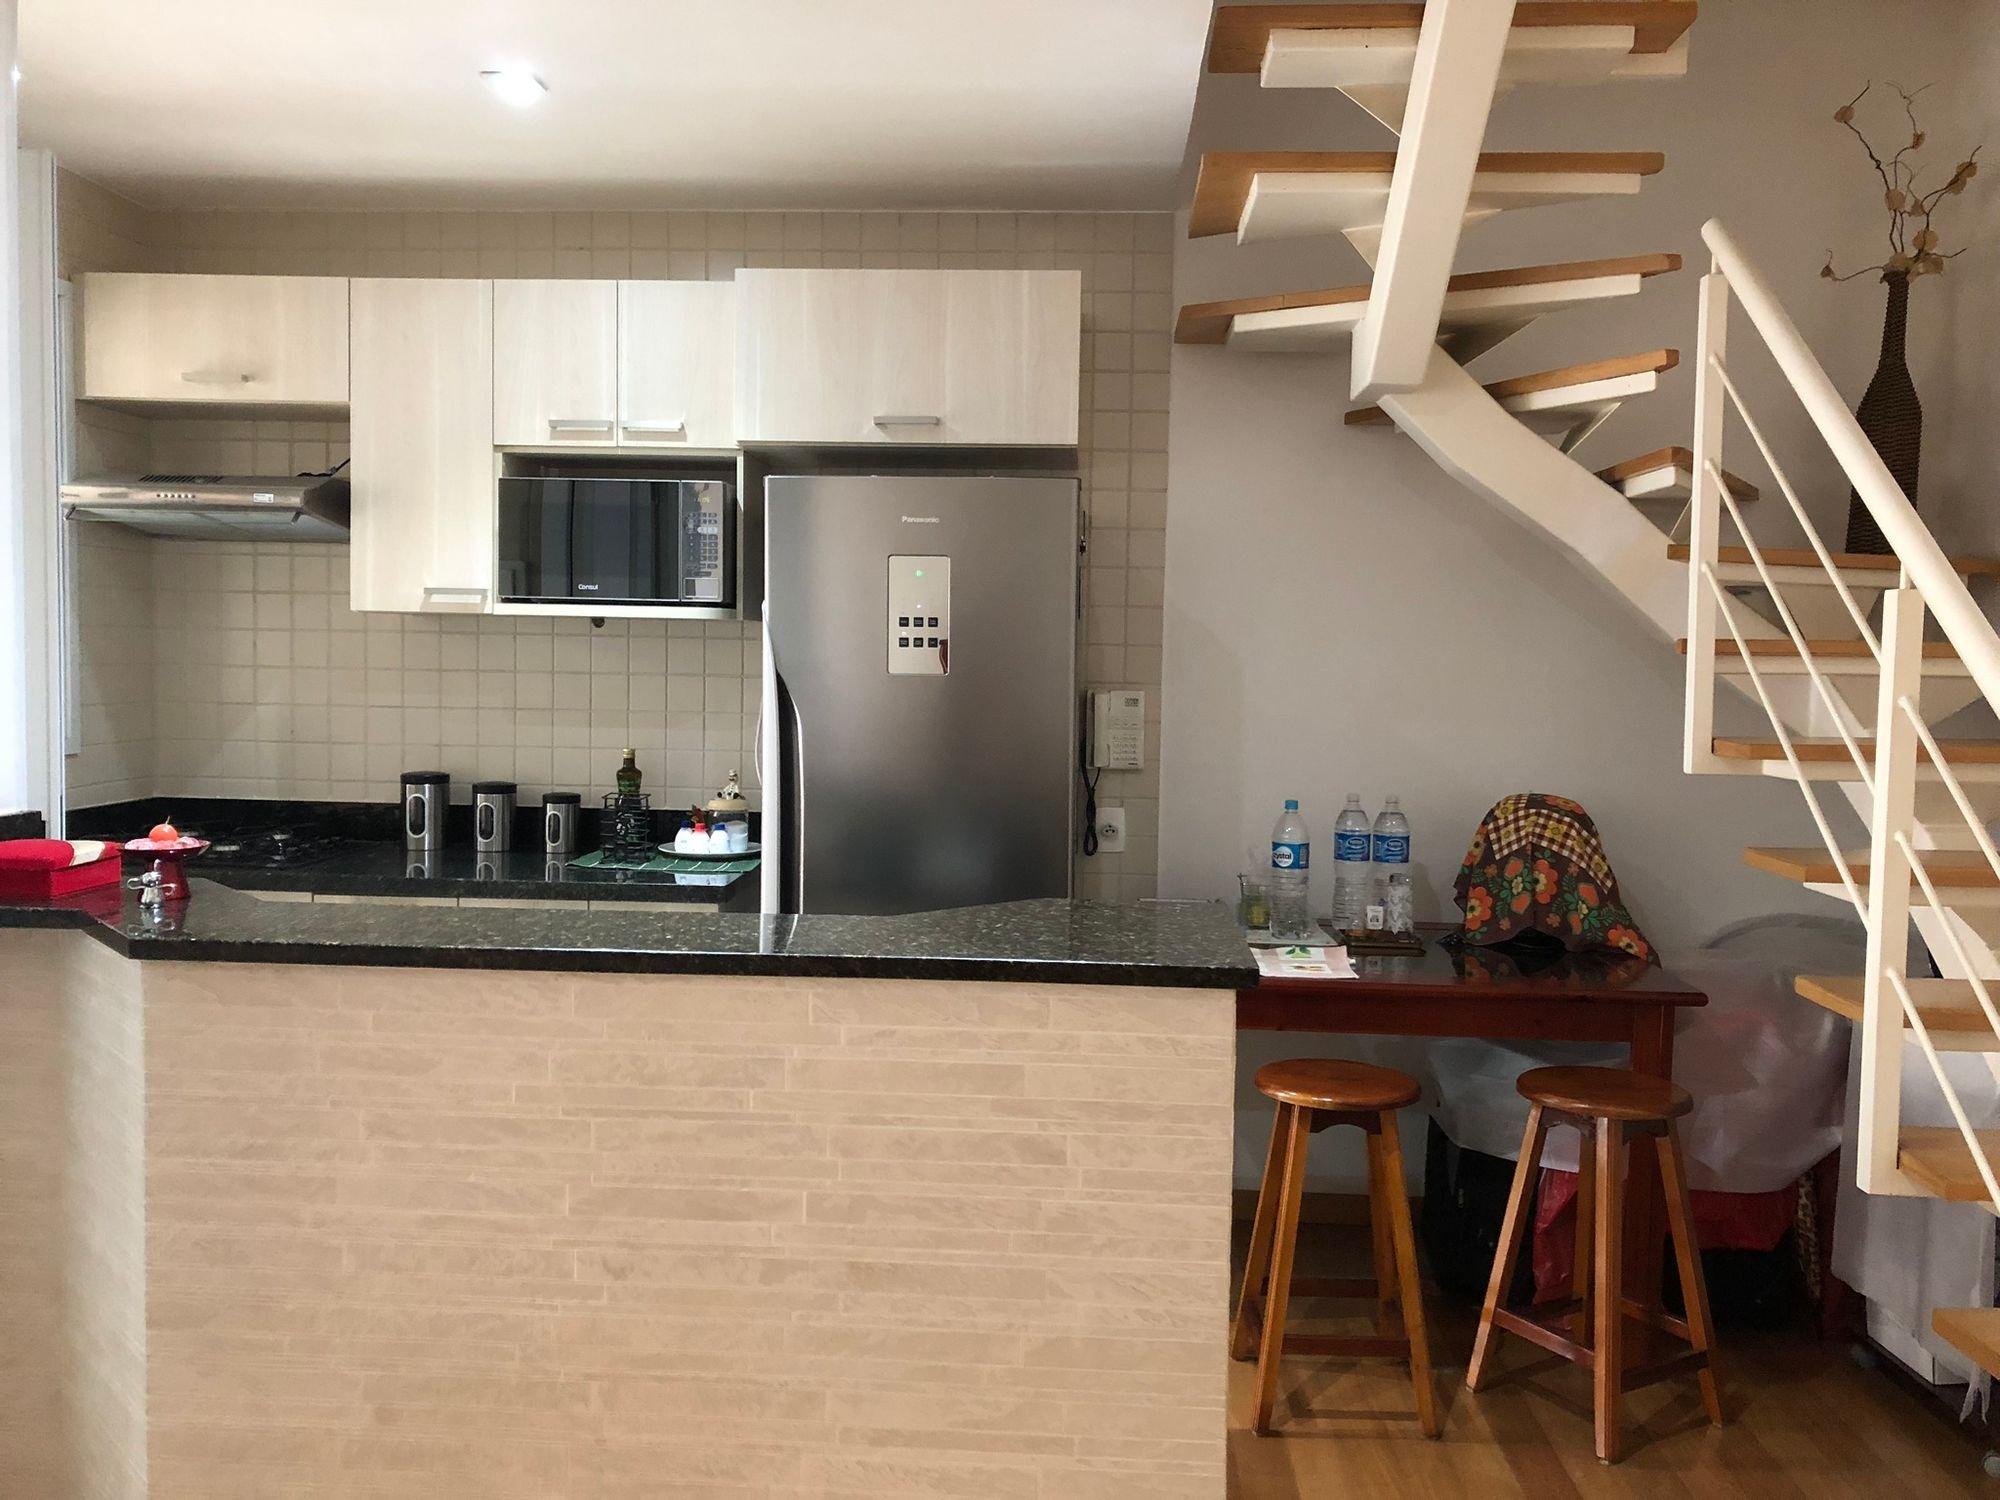 Foto de Cozinha com garrafa, geladeira, cadeira, xícara